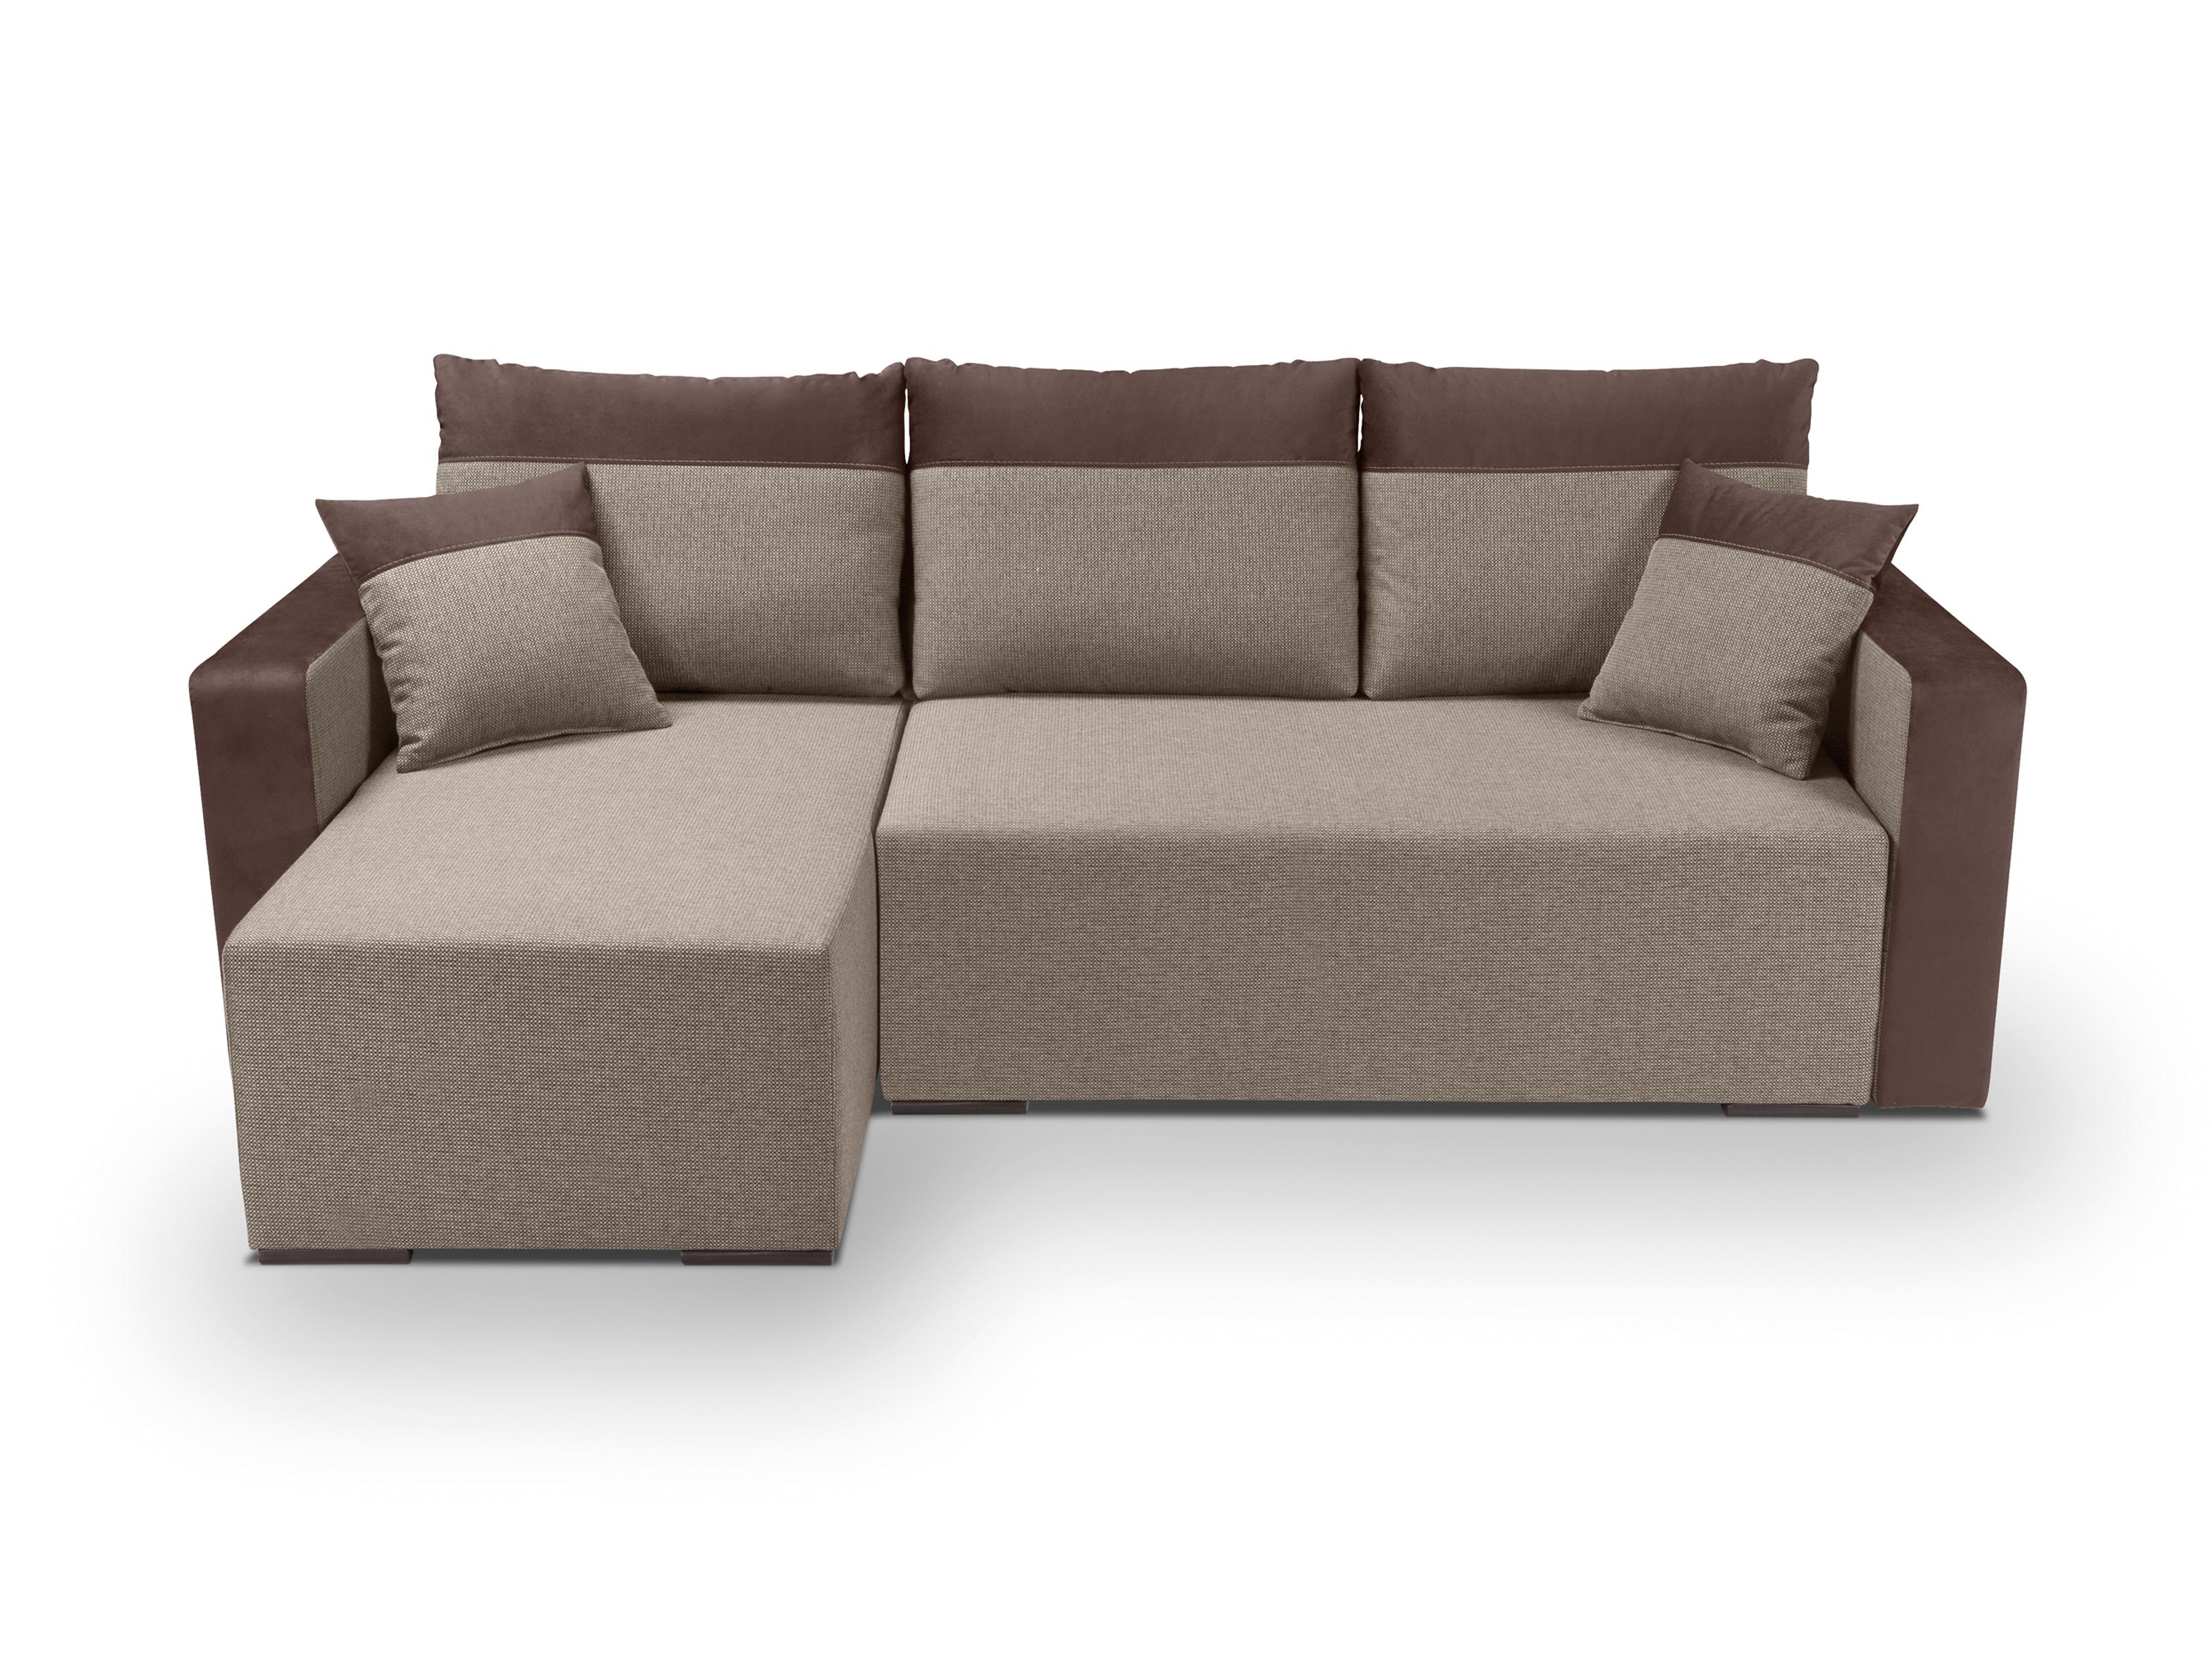 Rohová sedací souprava - BRW - Beti Lux 3DL.URC (béžová) (L)